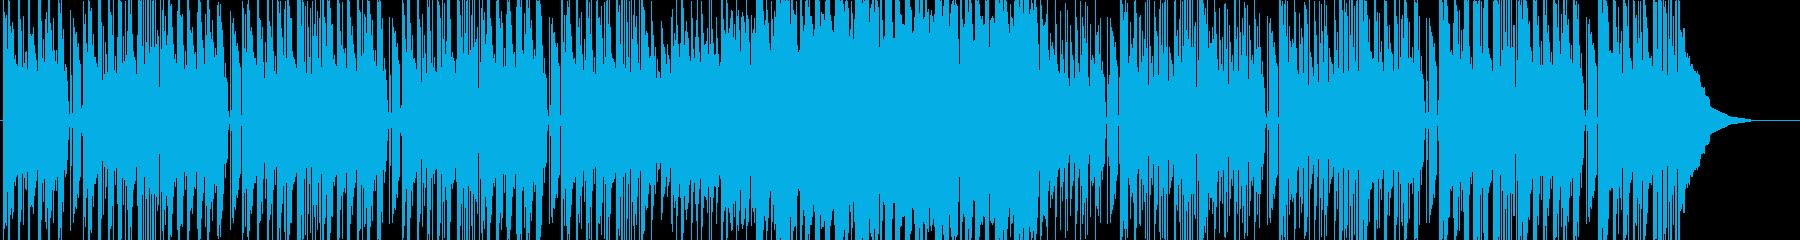 おとぼけ おまぬけ コミカルなギター曲の再生済みの波形